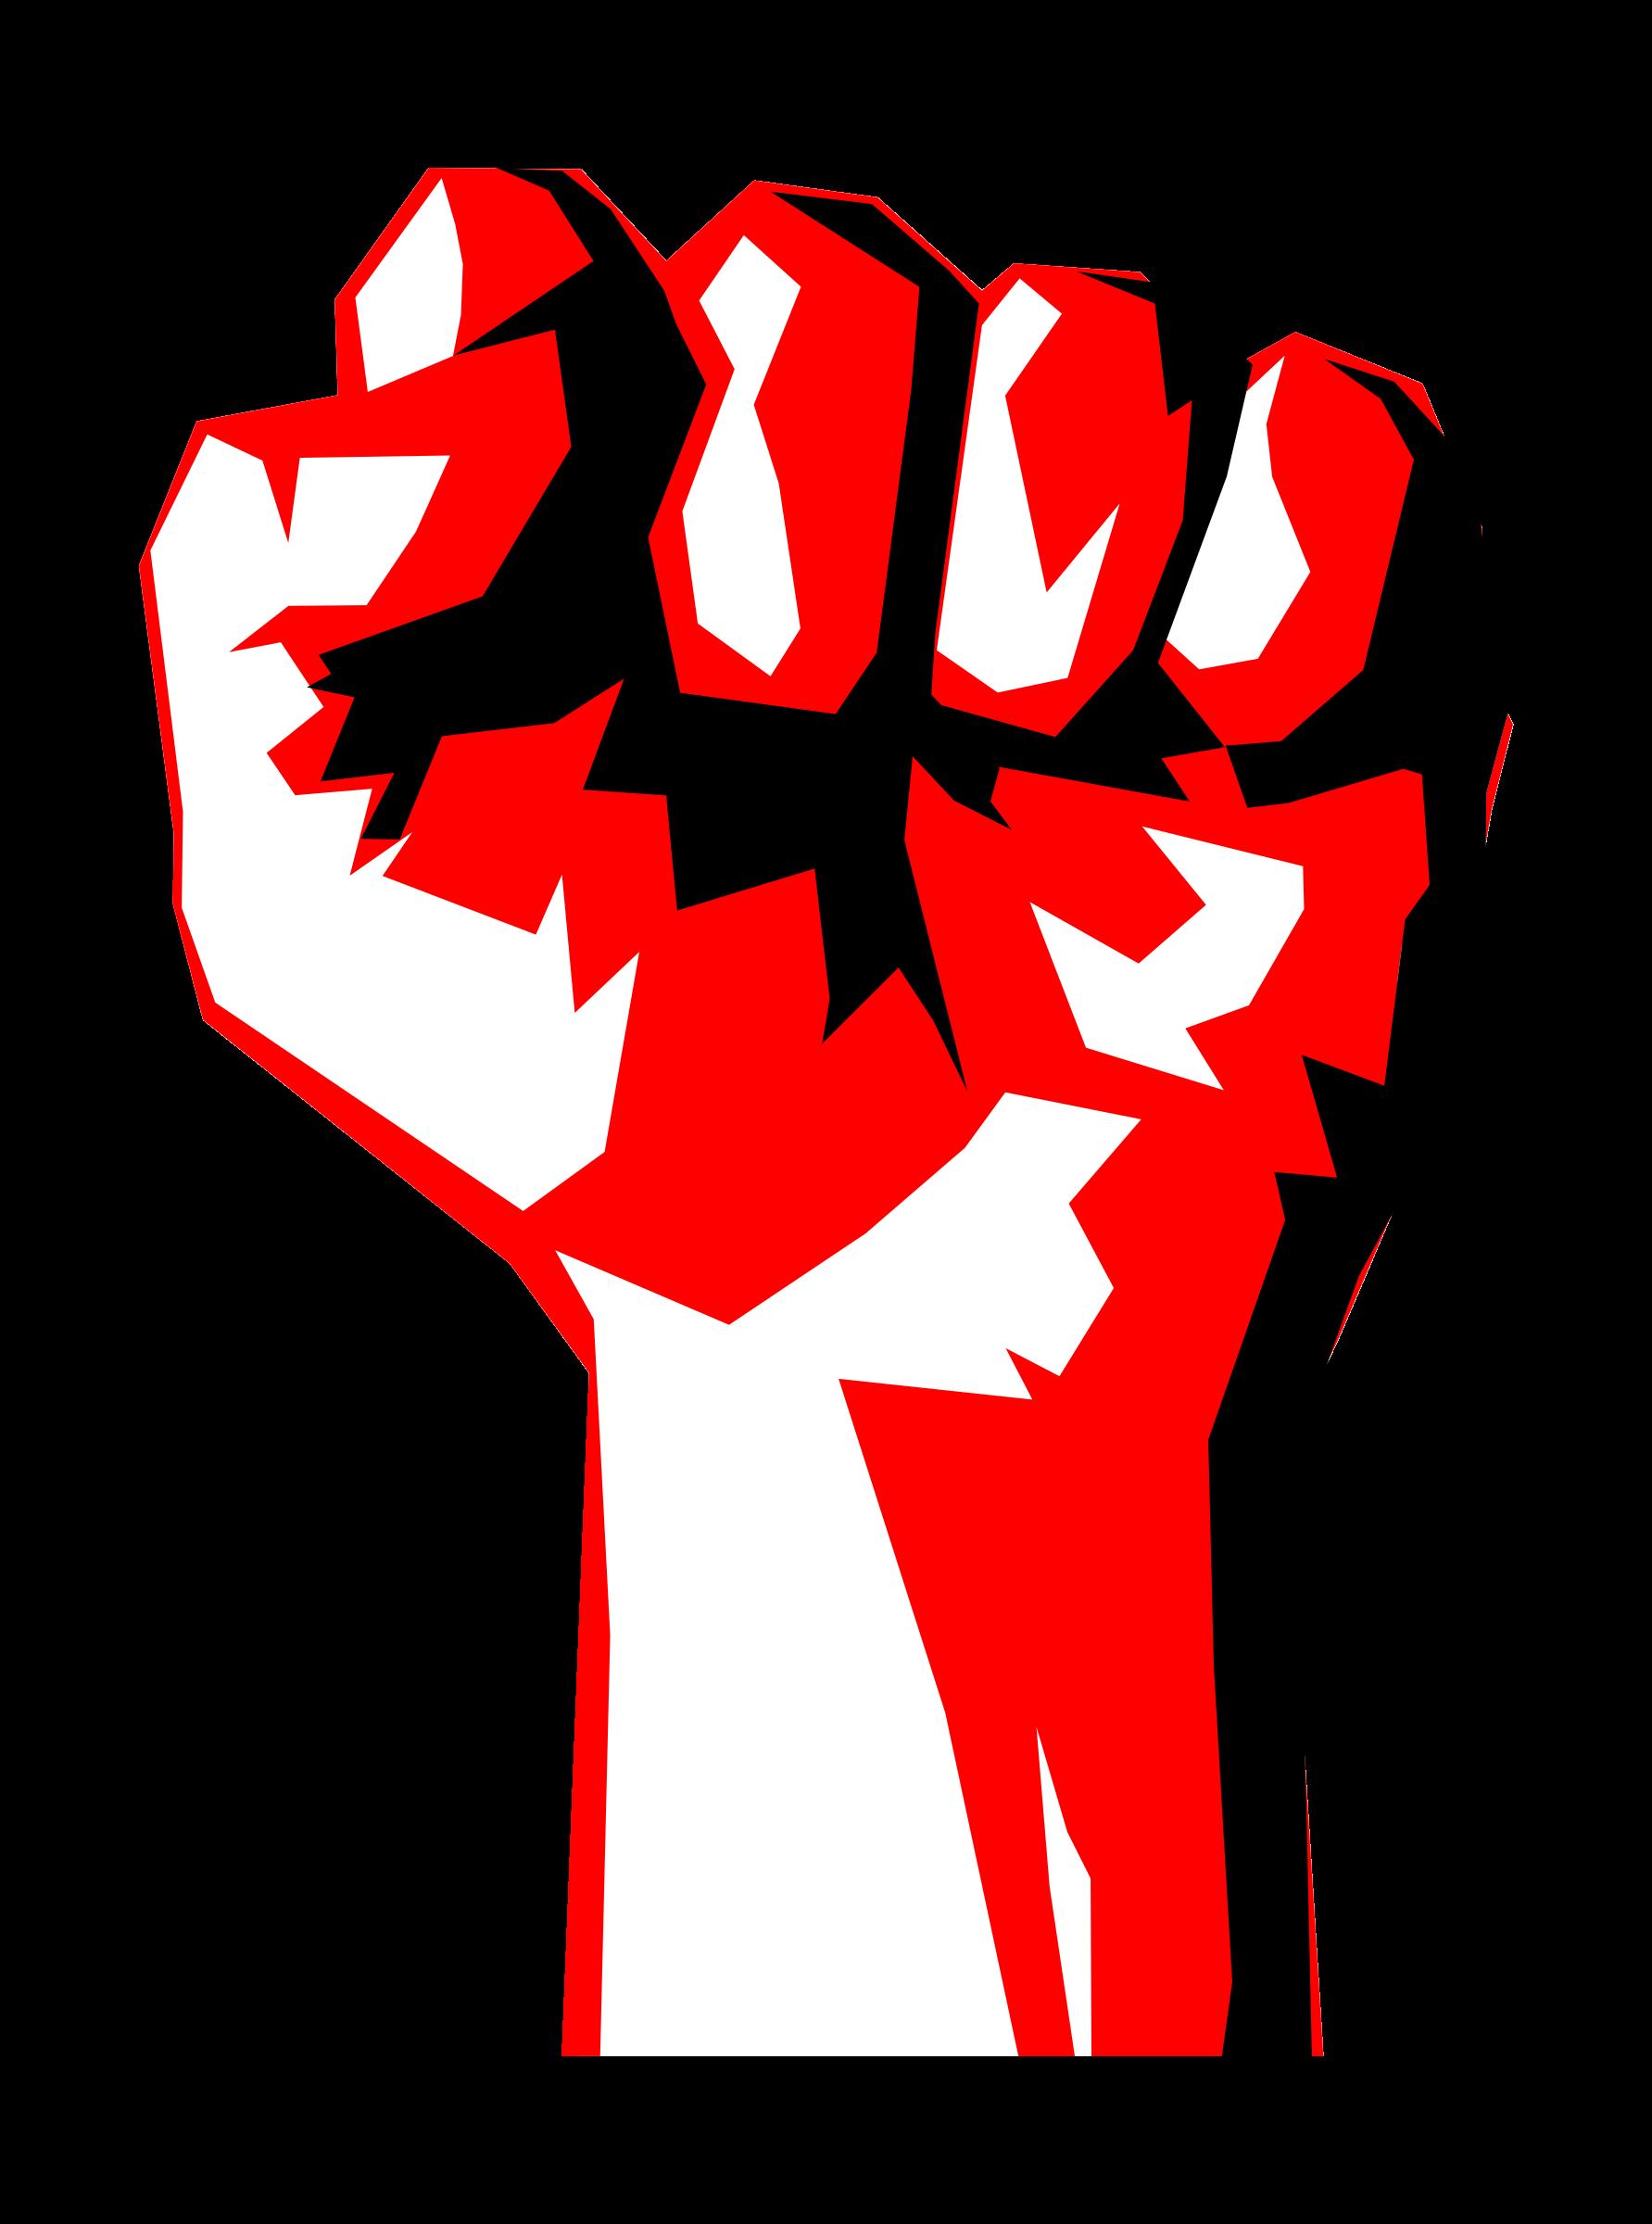 Worker Fist Raised fist, Revolution, Online art